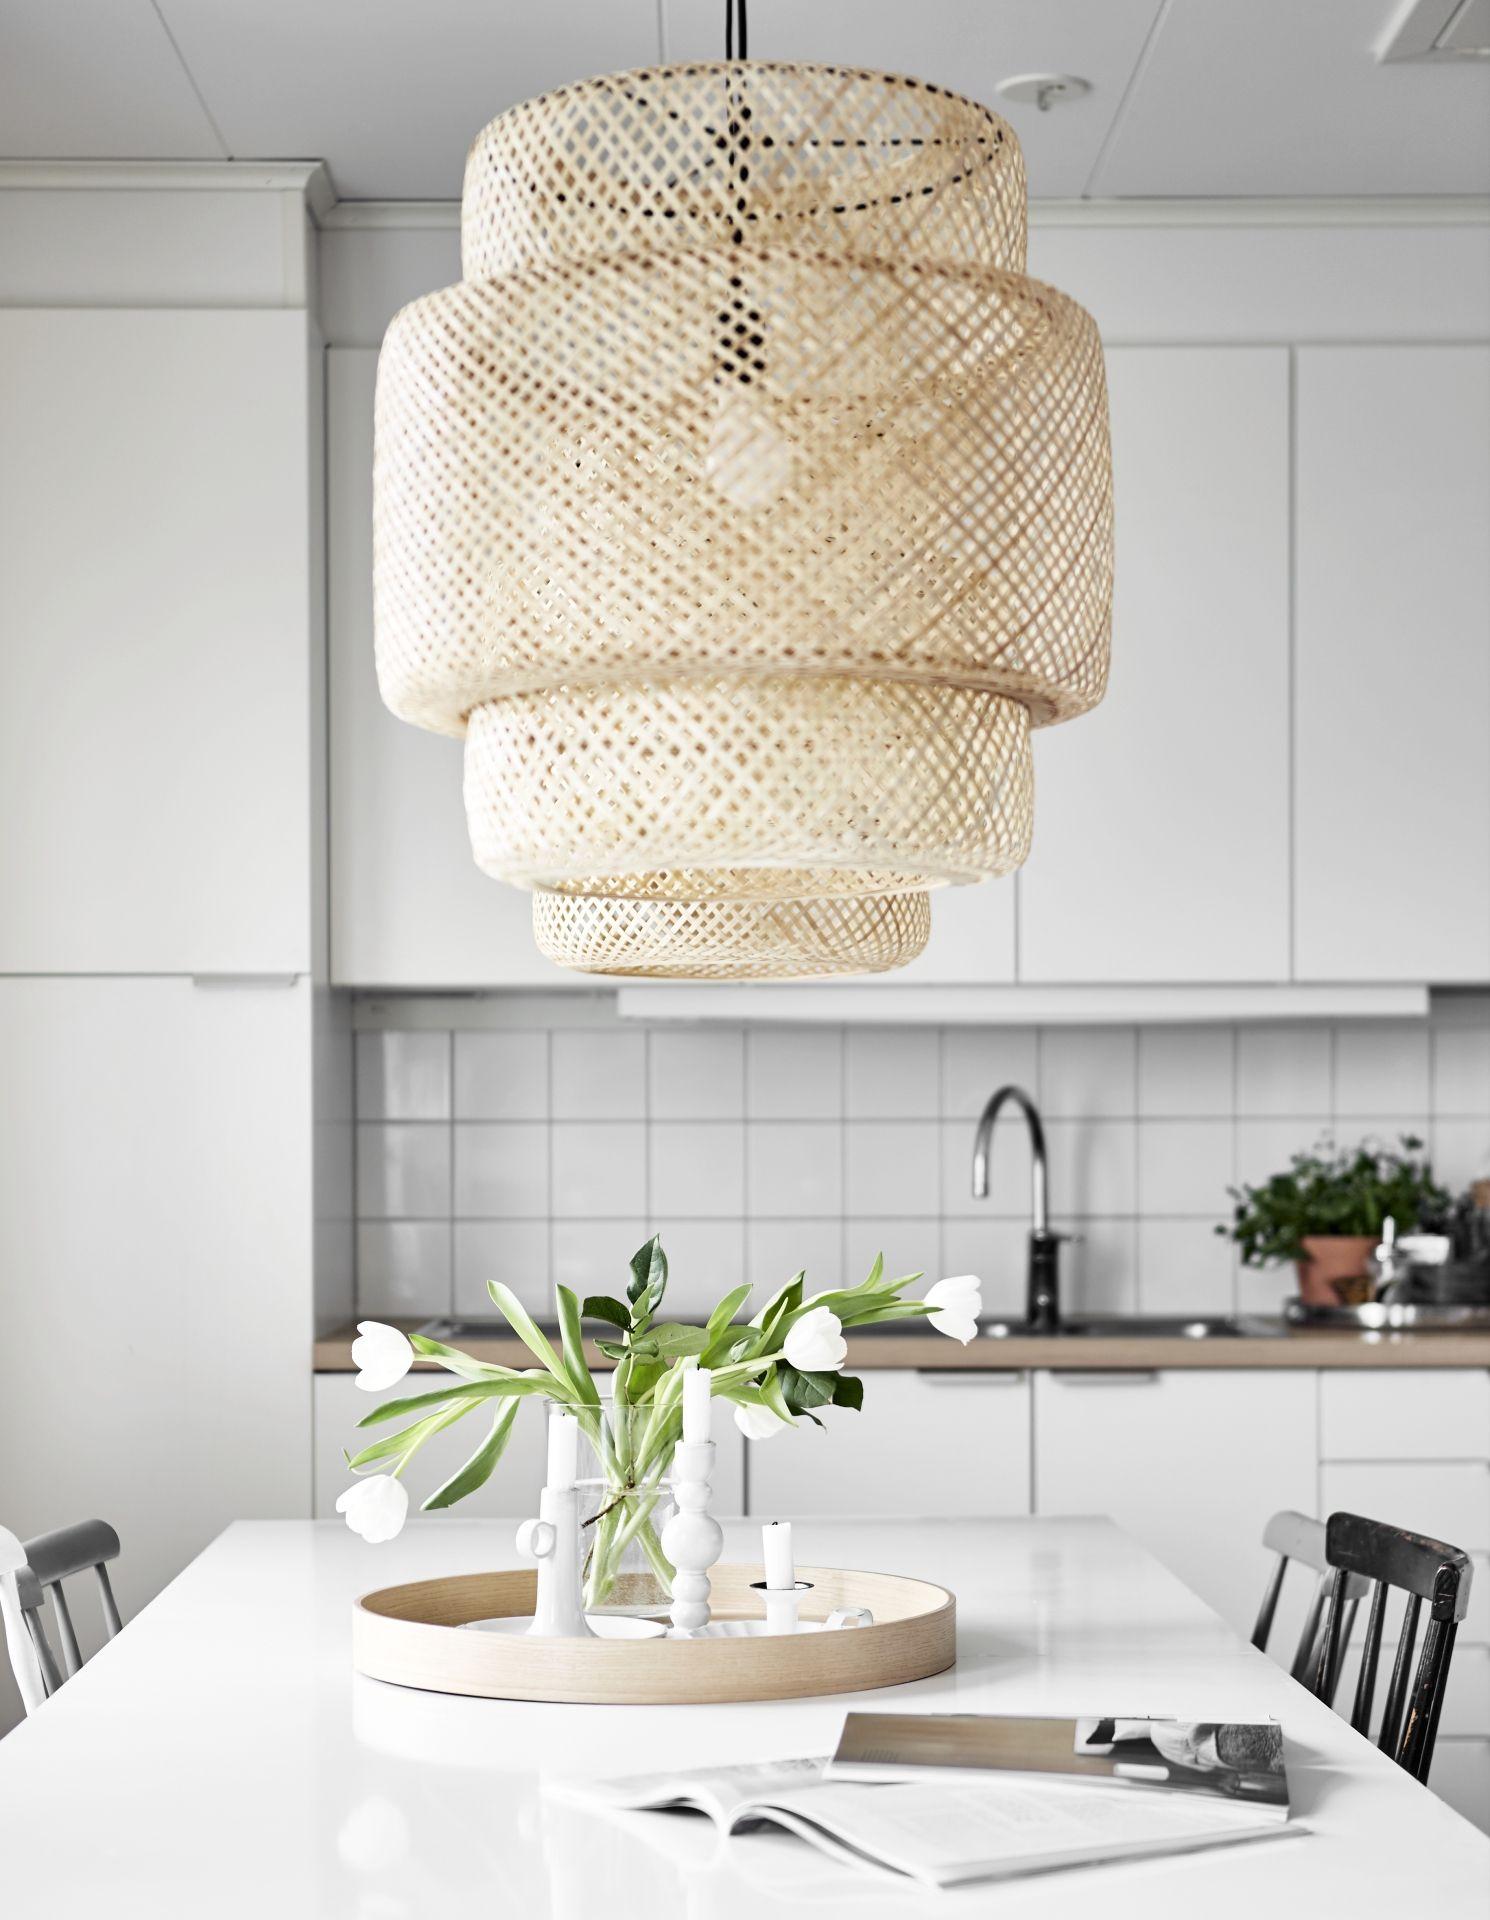 SINNERLIG Hanglamp, bamboe | Pinterest | Kitchens, Desks and House